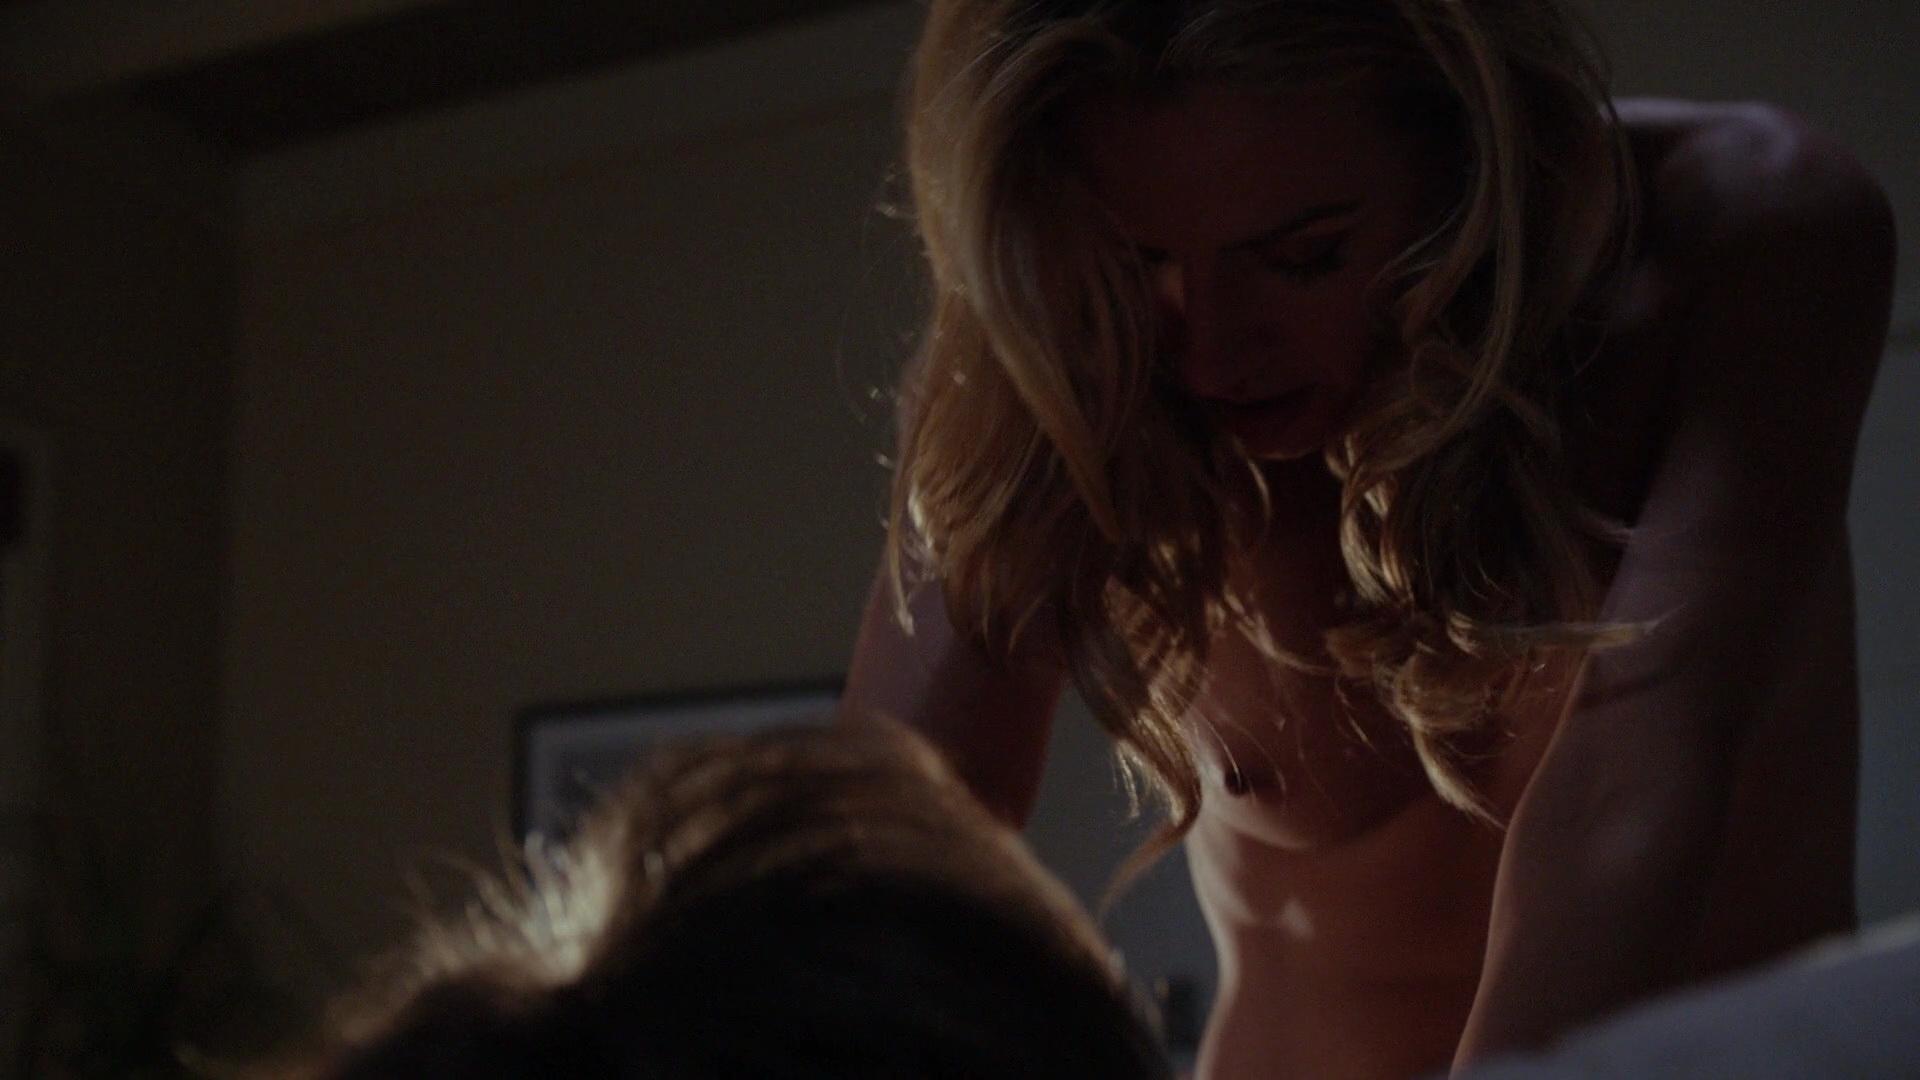 Allison Mcatee Nude allison mcatee nude » celebs nude video - nudecelebvideo